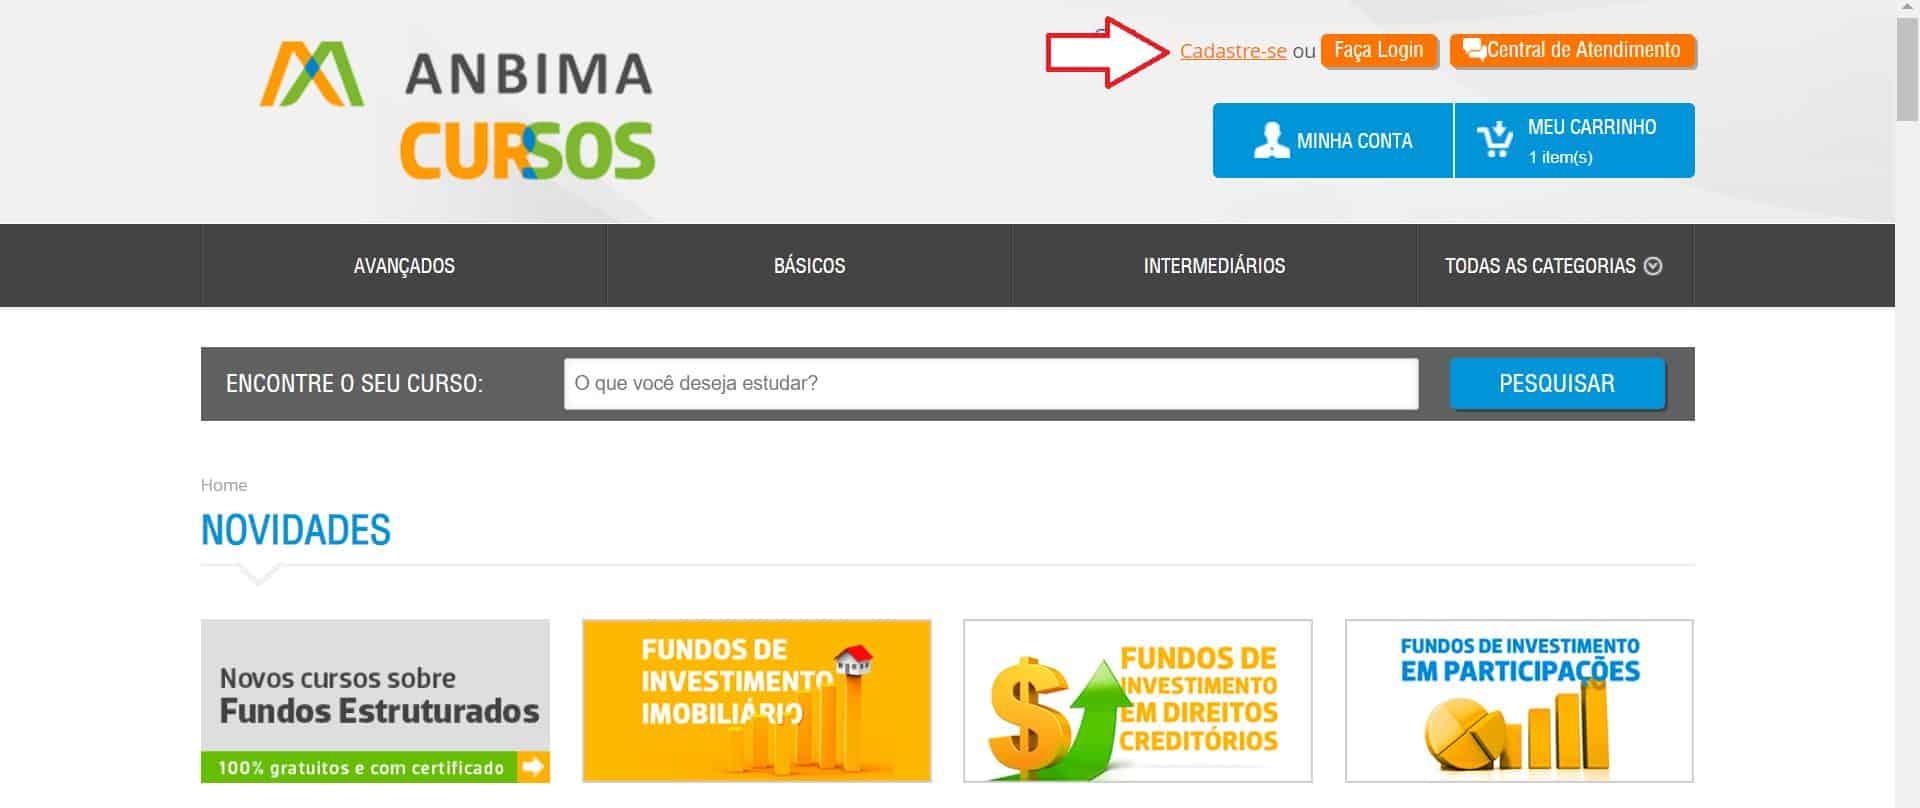 Página inicial para cadastro de participante nos cursos do site da ANBIMA